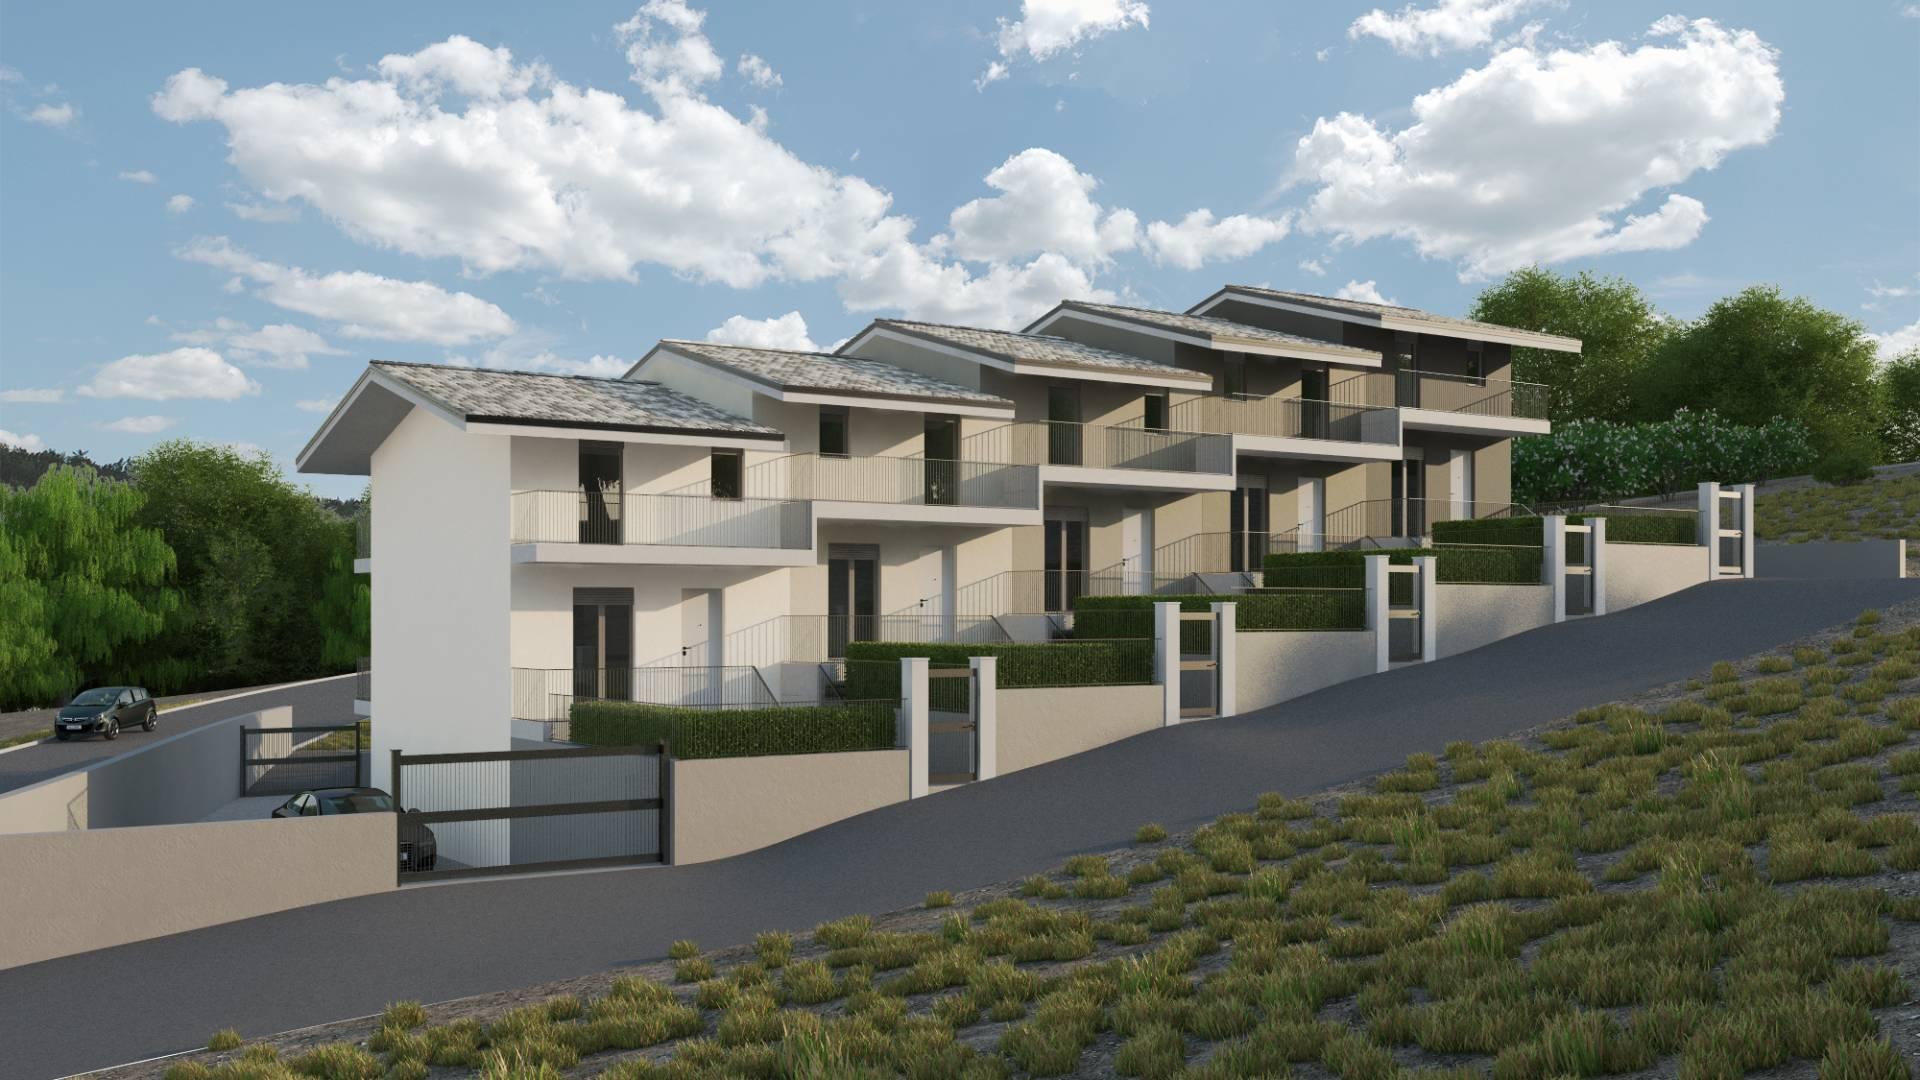 Villa a Schiera in vendita a Bucchianico, 5 locali, prezzo € 135.000 | CambioCasa.it